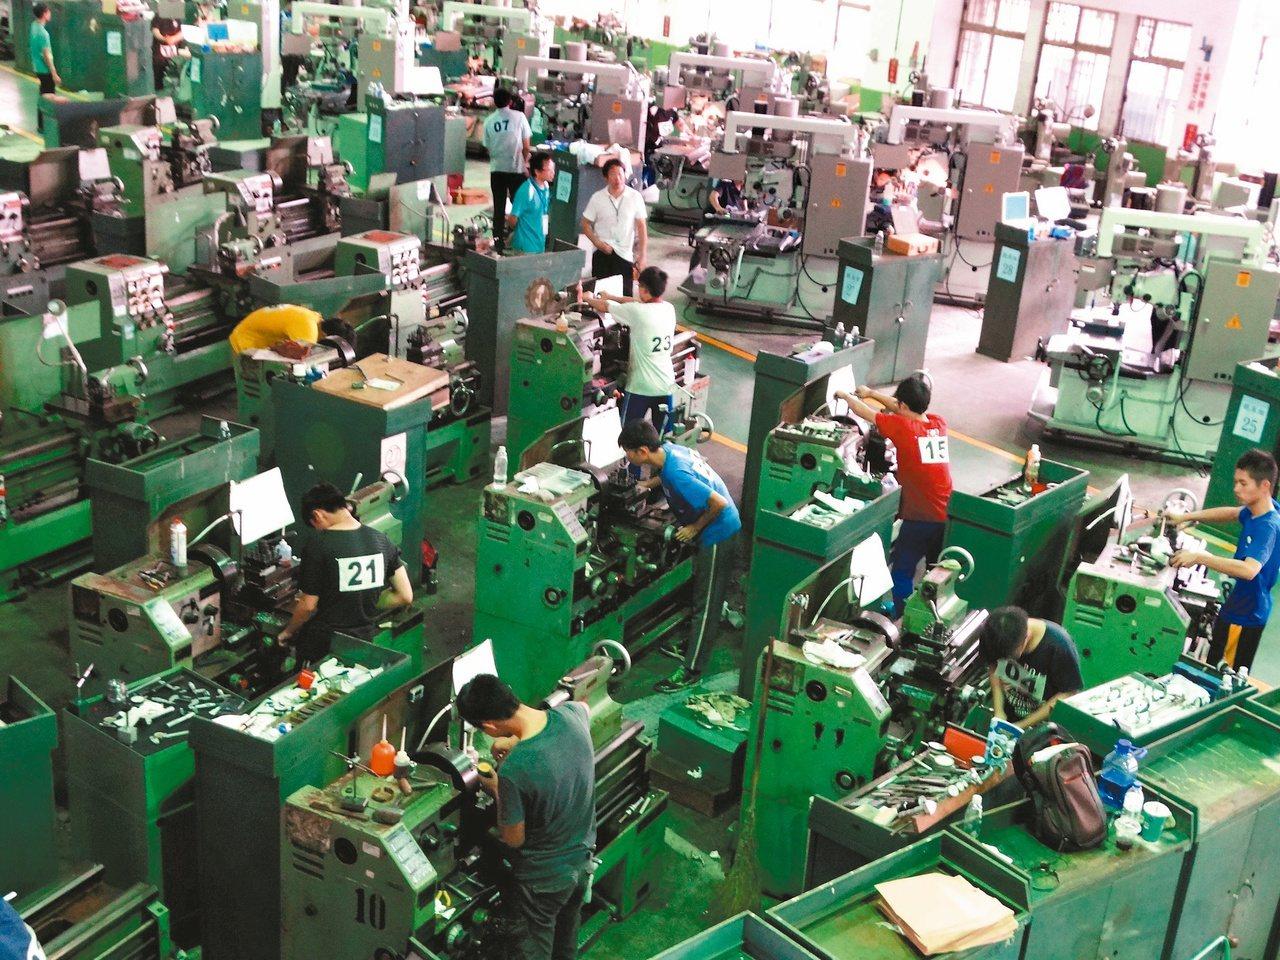 近年產業型態改變,工業從業人數成長趨緩。 報系資料照